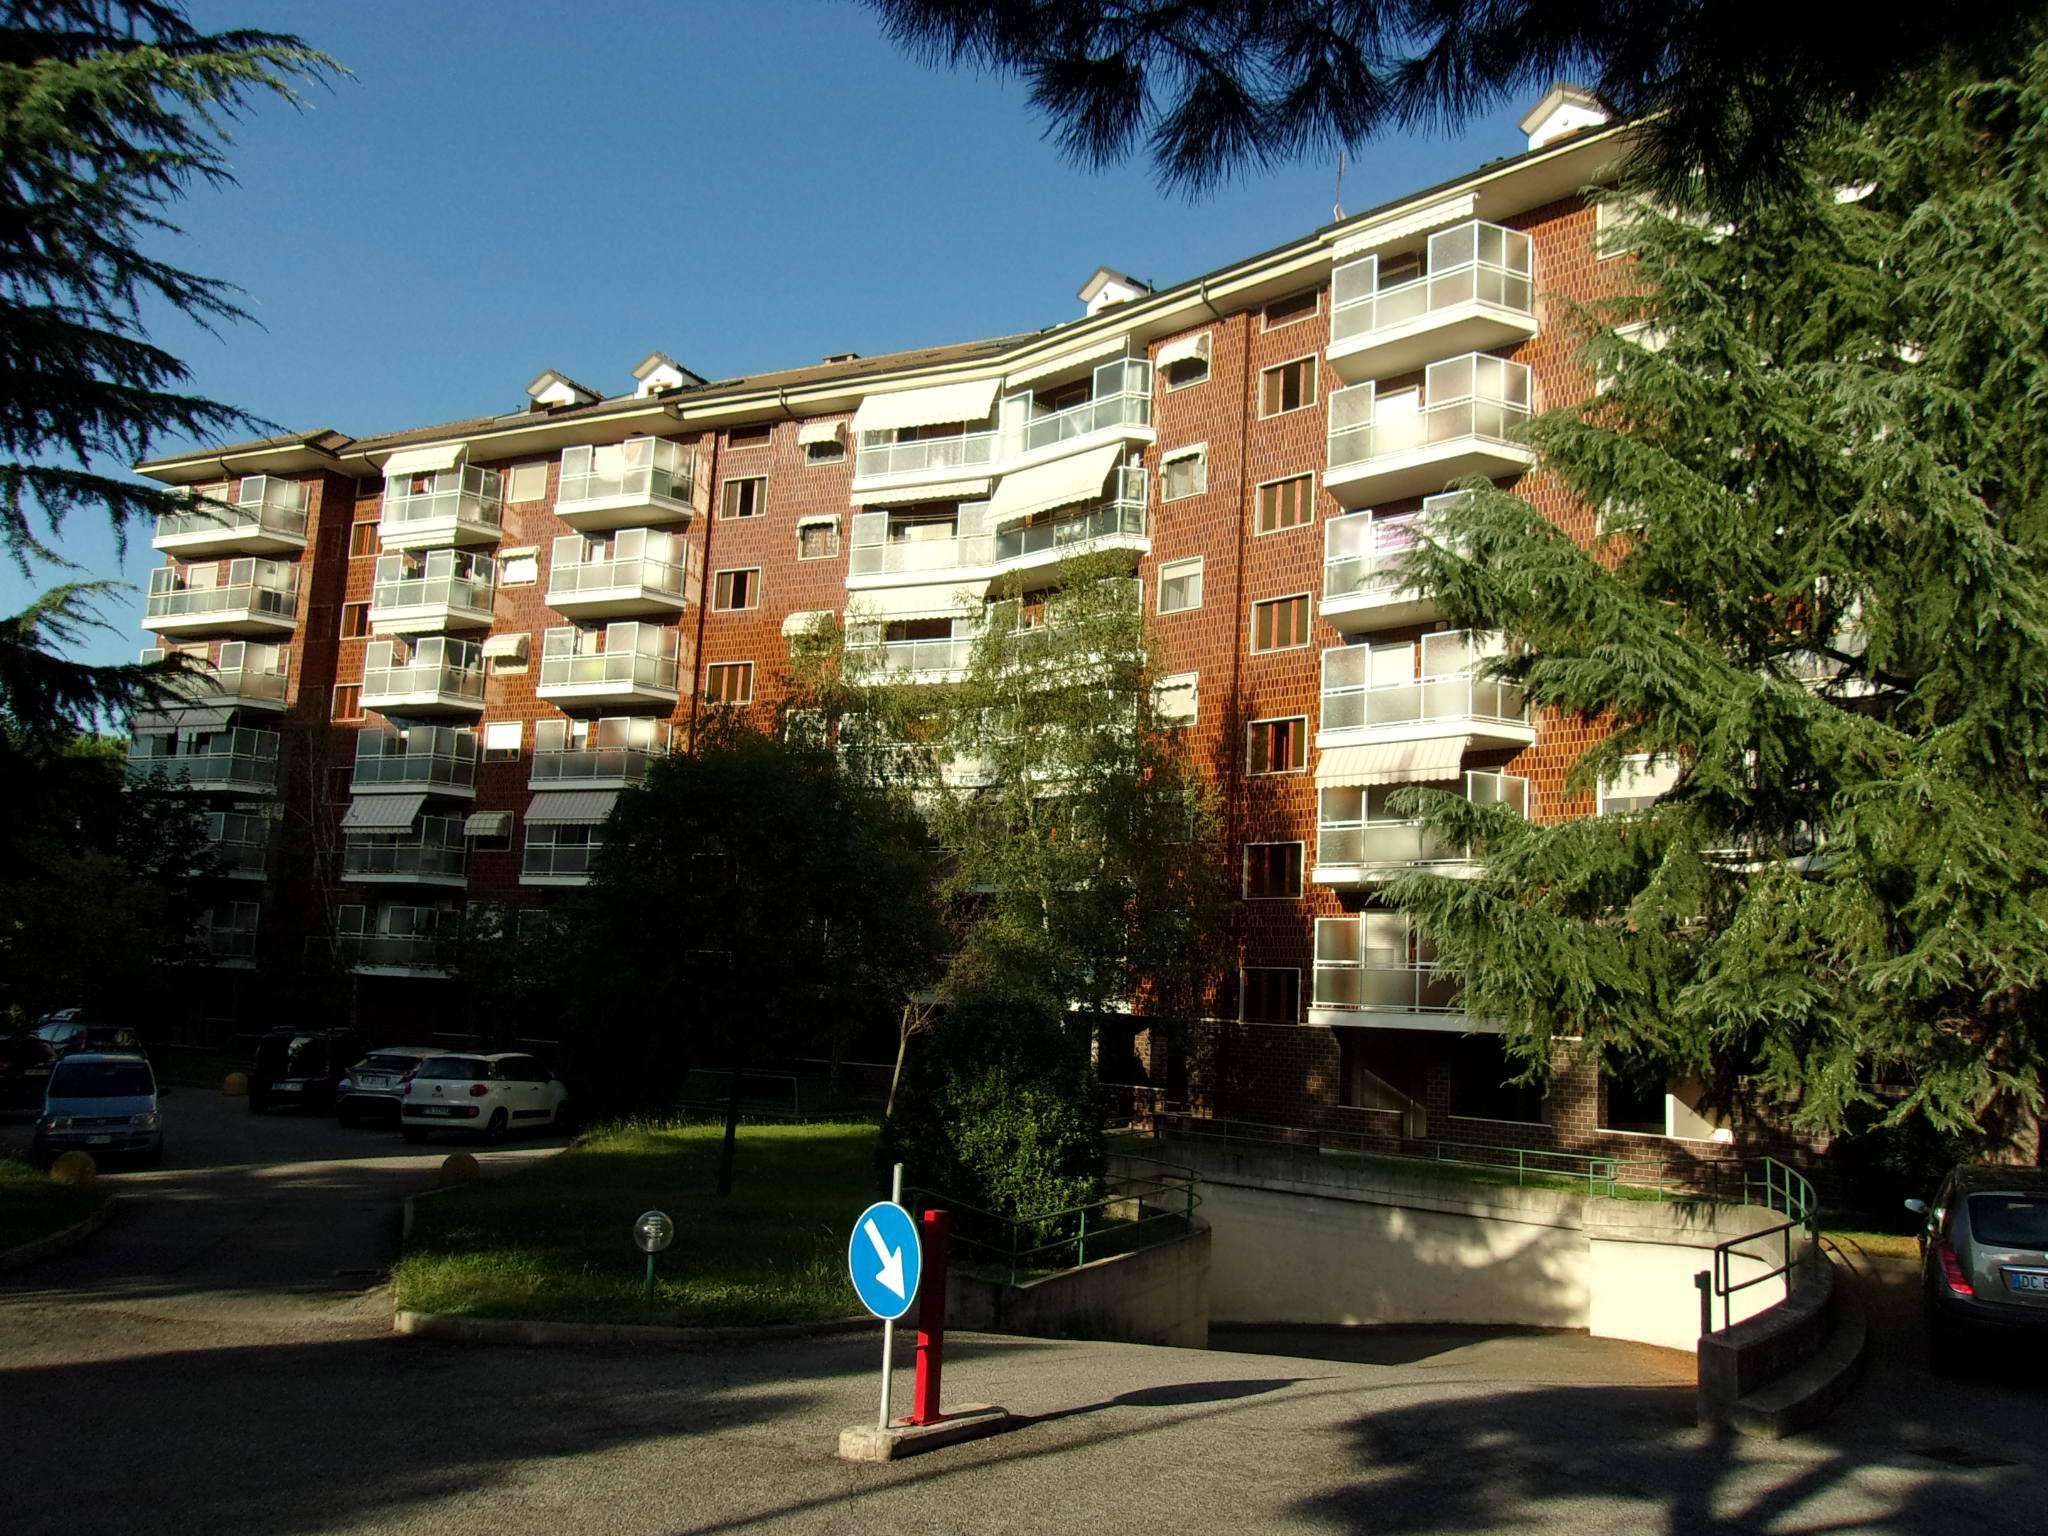 Appartamento in Vendita a Venaria: 4 locali, 126 mq